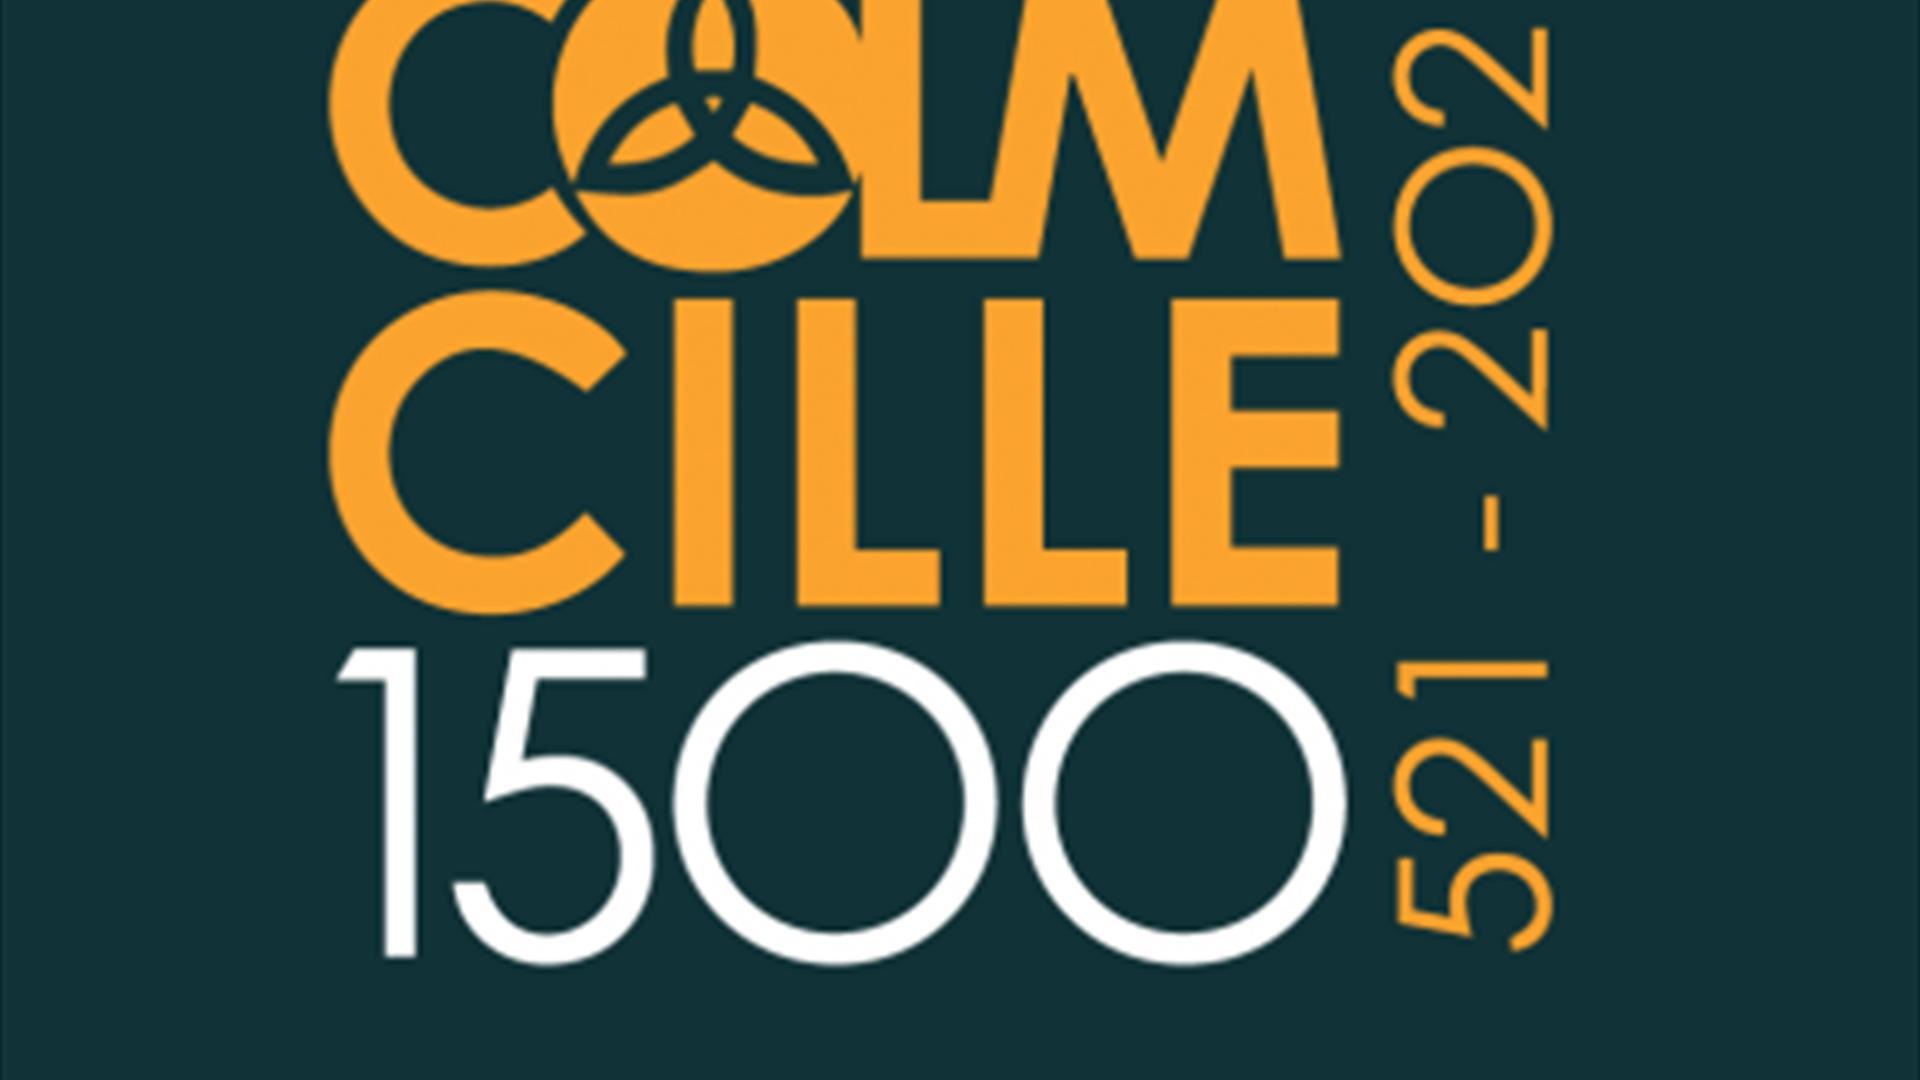 Colmcille logo